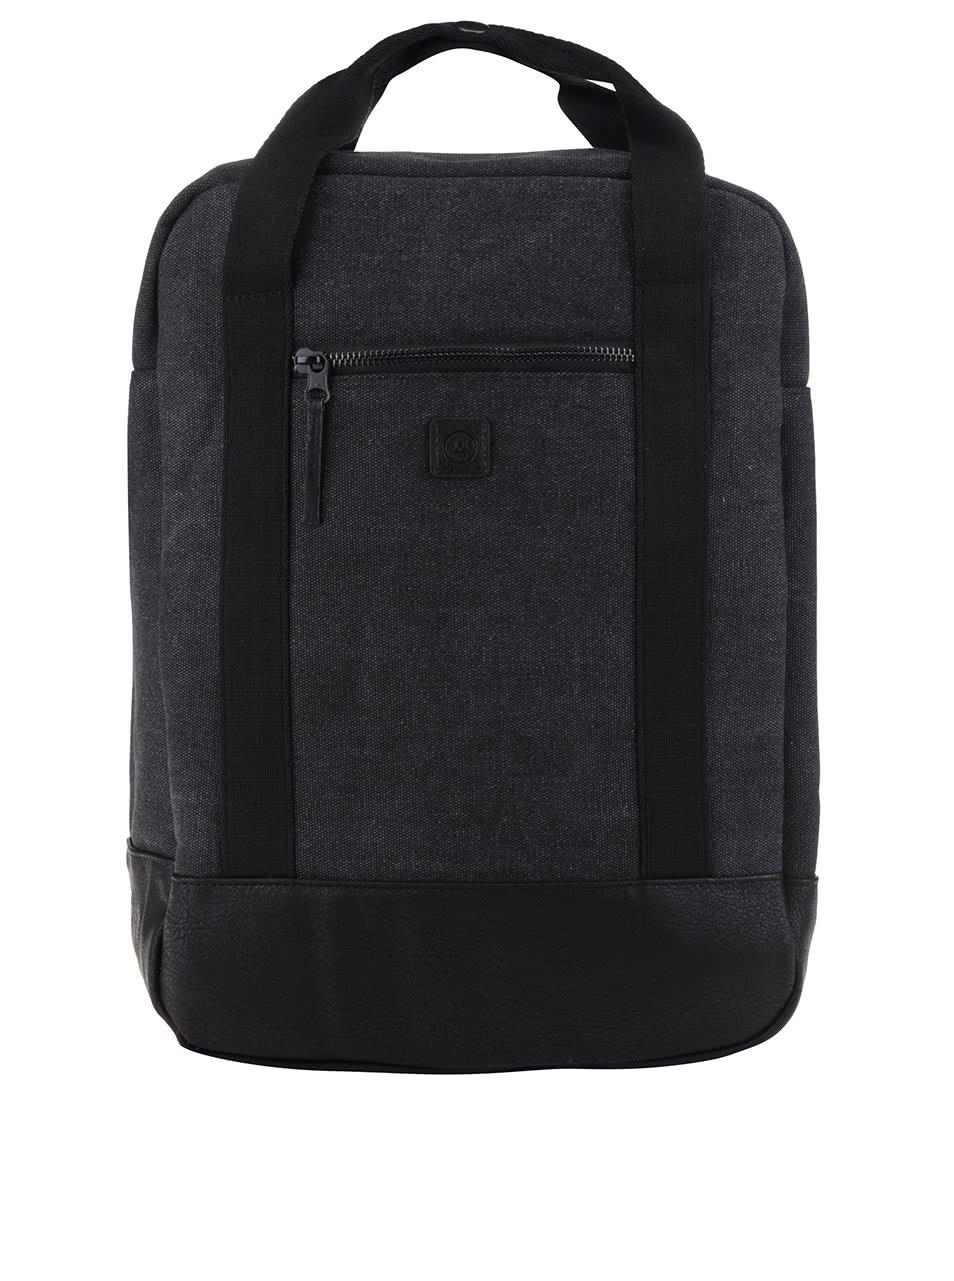 Černo-šedý žíhaný batoh Ucon Isobel Waterproof 16 l